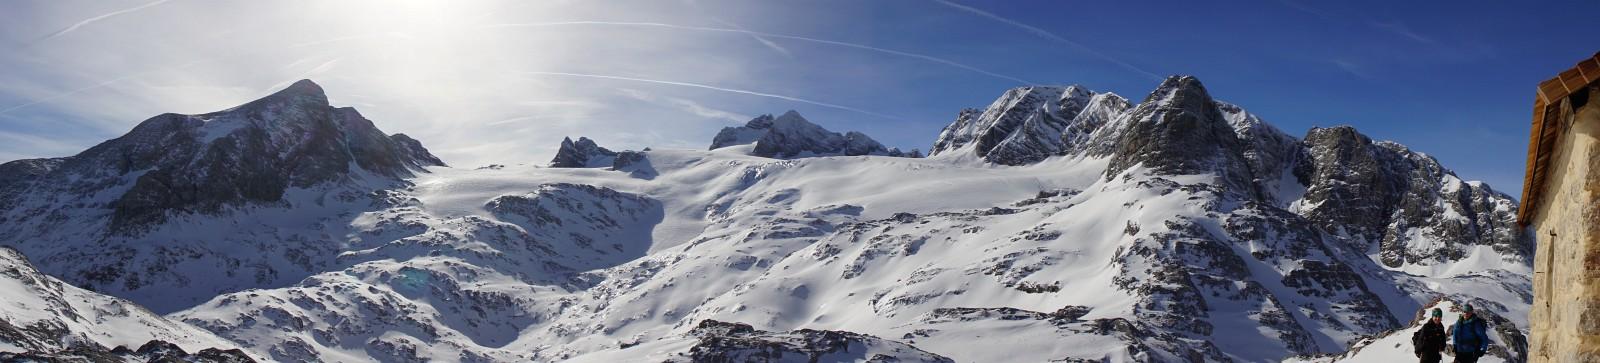 Blick von der Simonyhütte über den Hallstätter Gletscher zum Dachstein (Klick zur Vergrößerung)